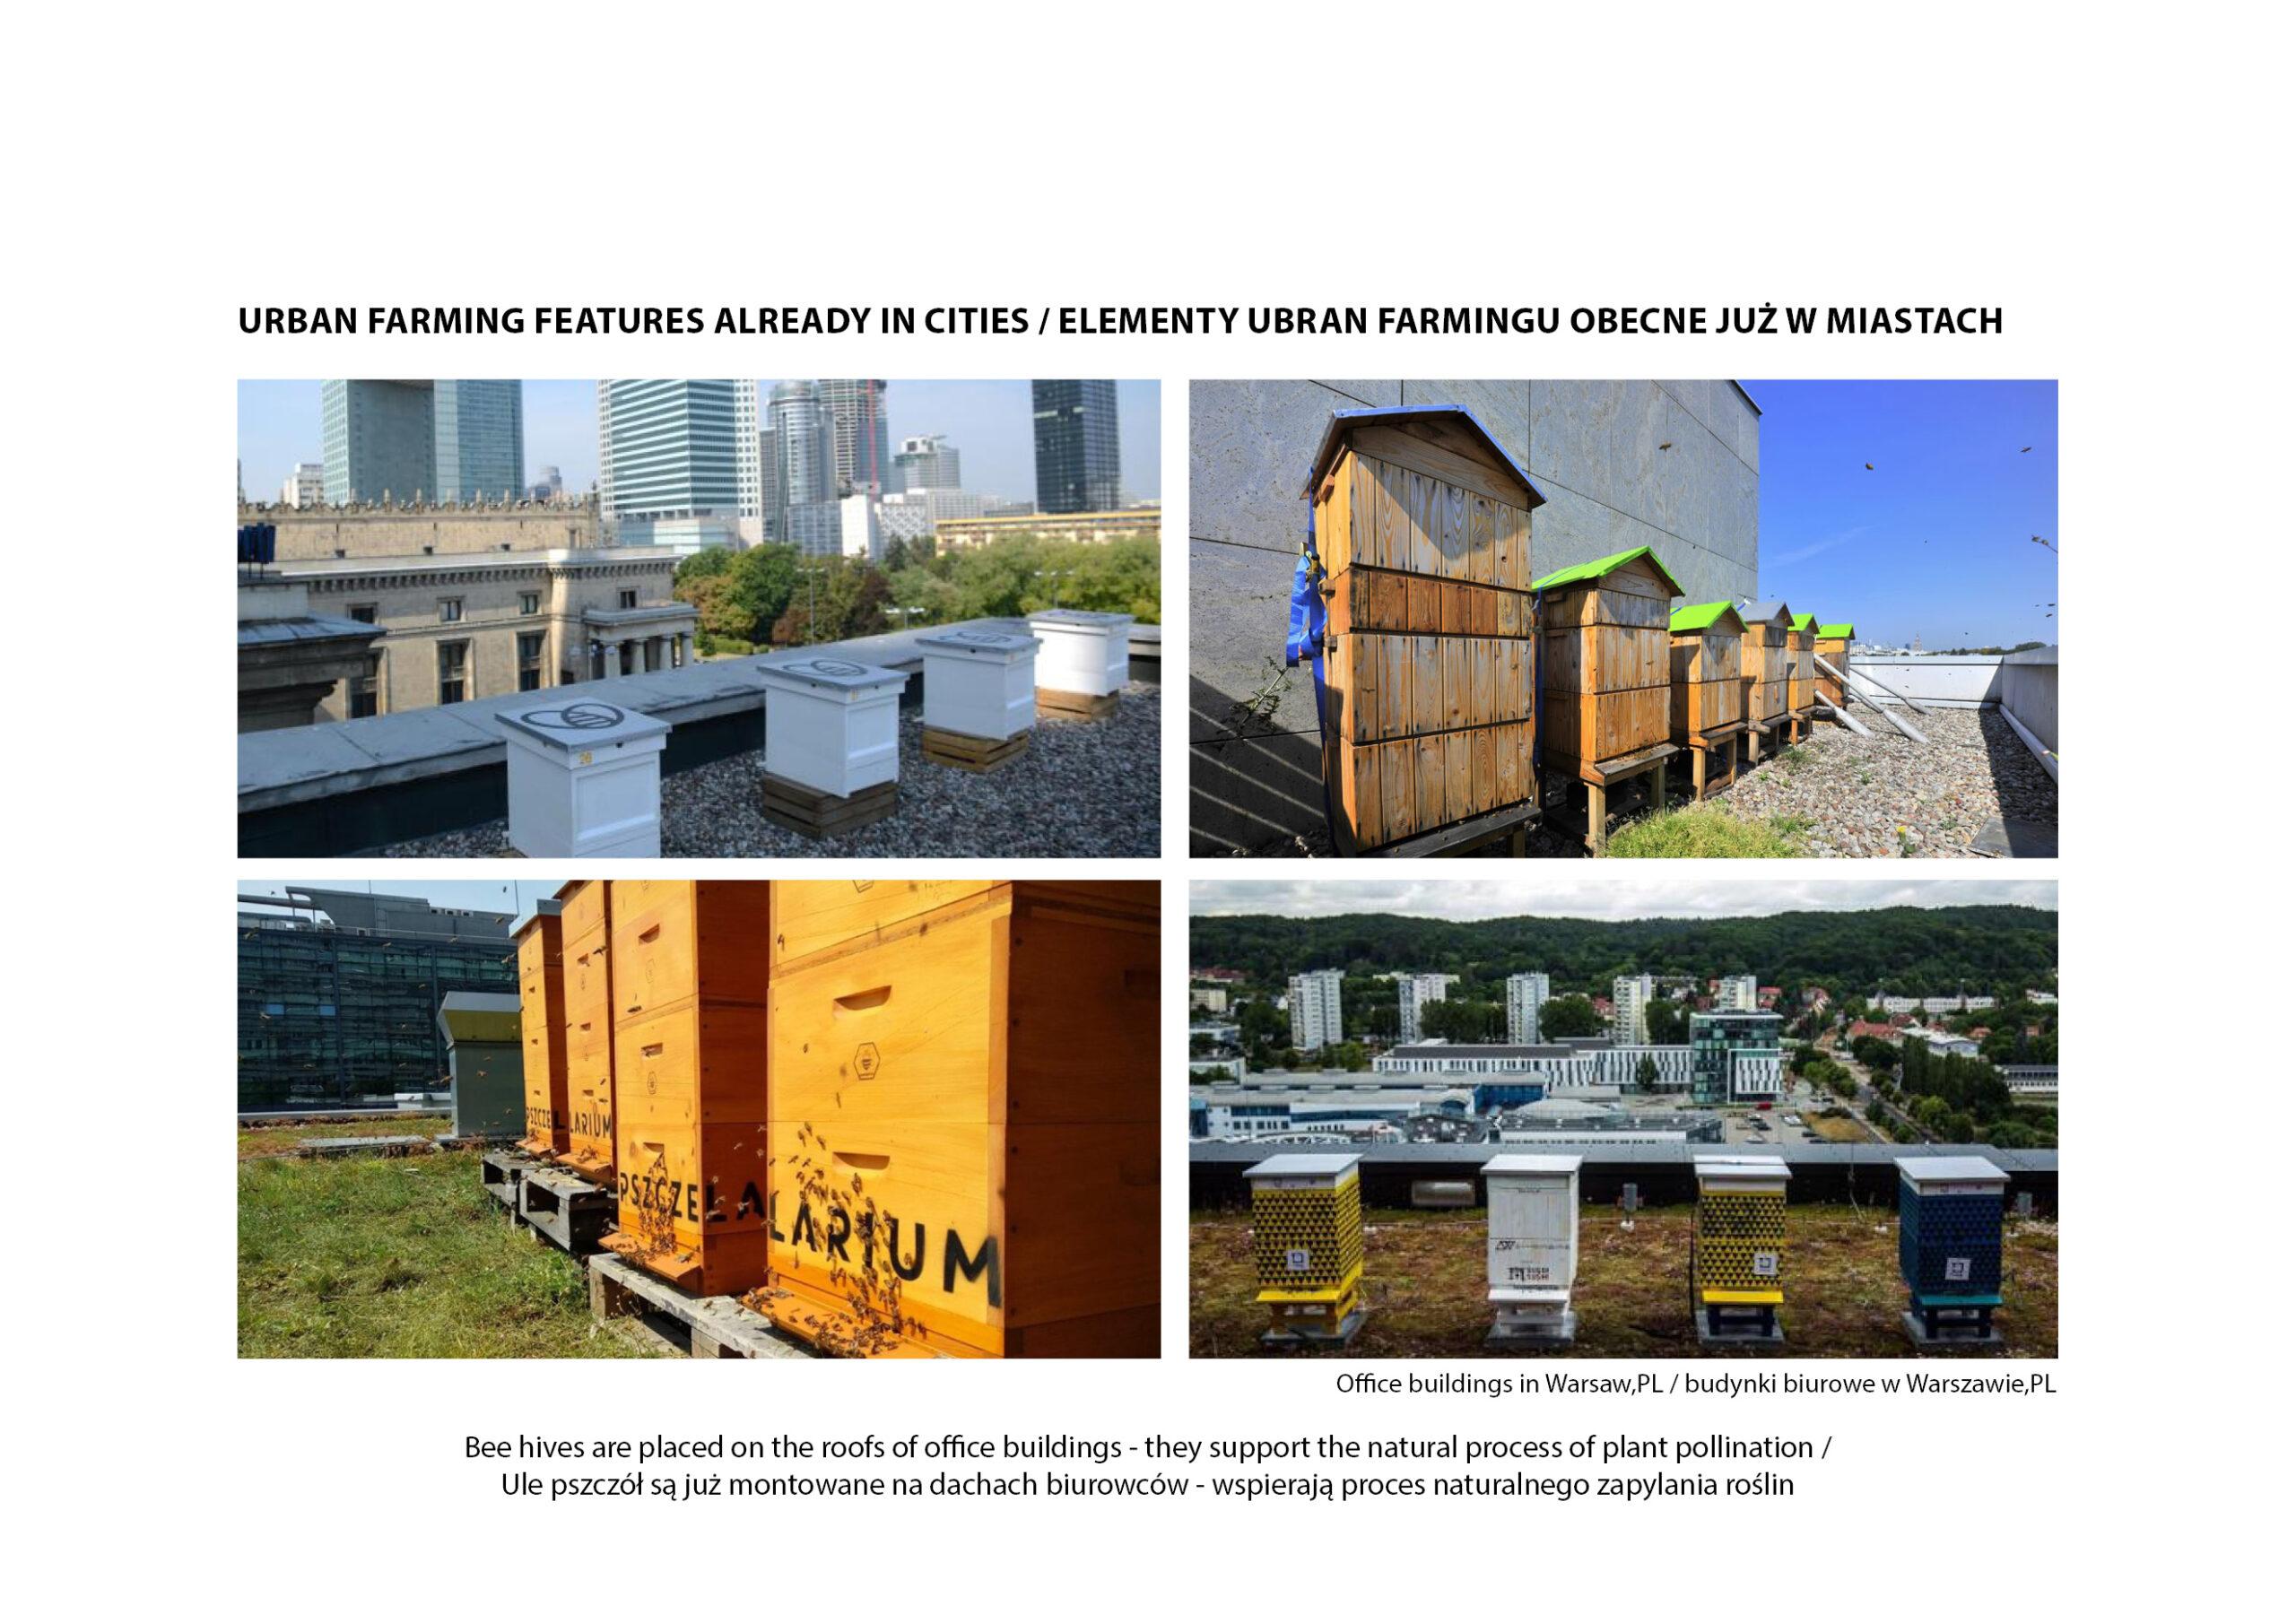 MJZ-Urban-Farming-XXI-Ogrody-Dzialkowe-Przyszlosci4-1